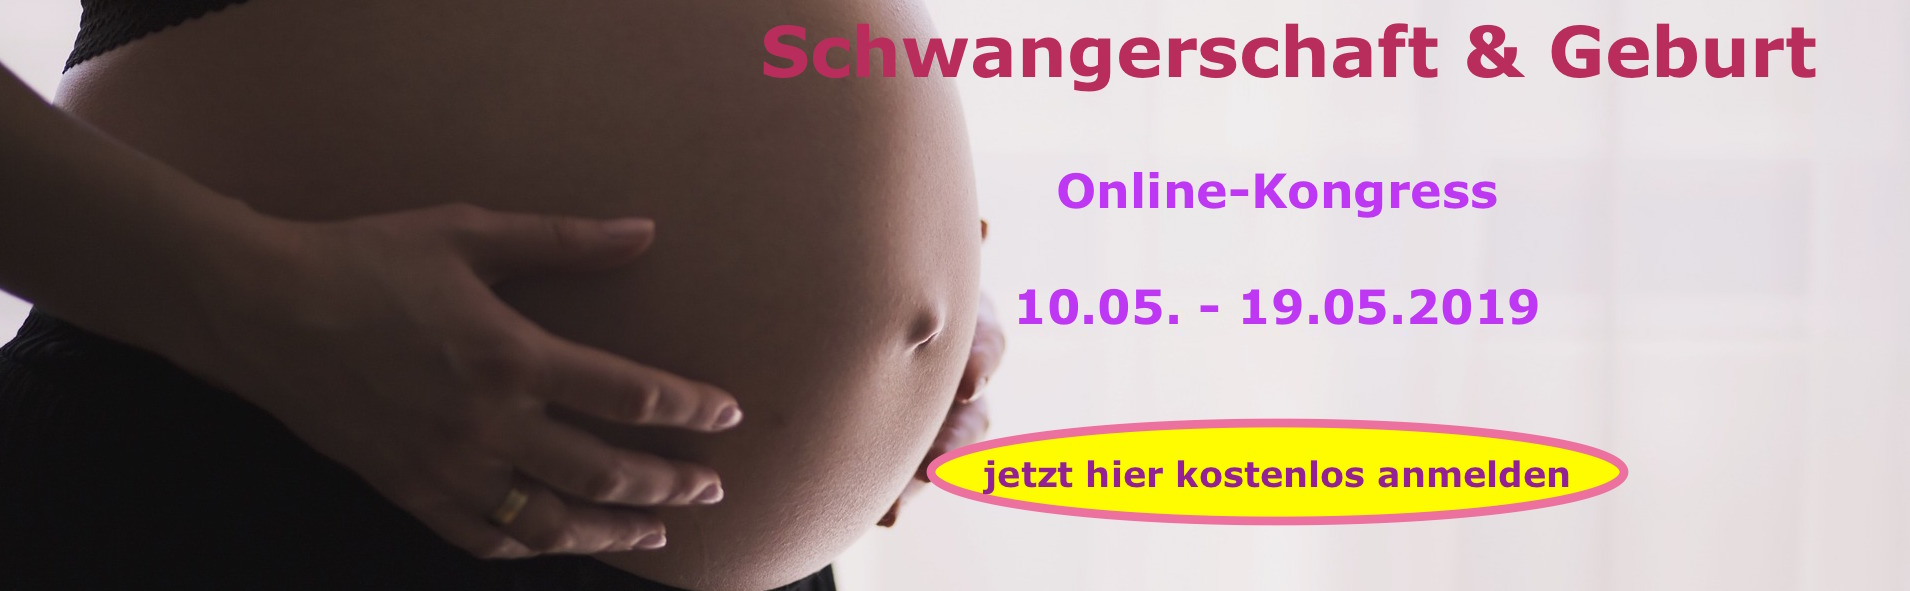 Schwangerschaft Geburt Online-Kongress